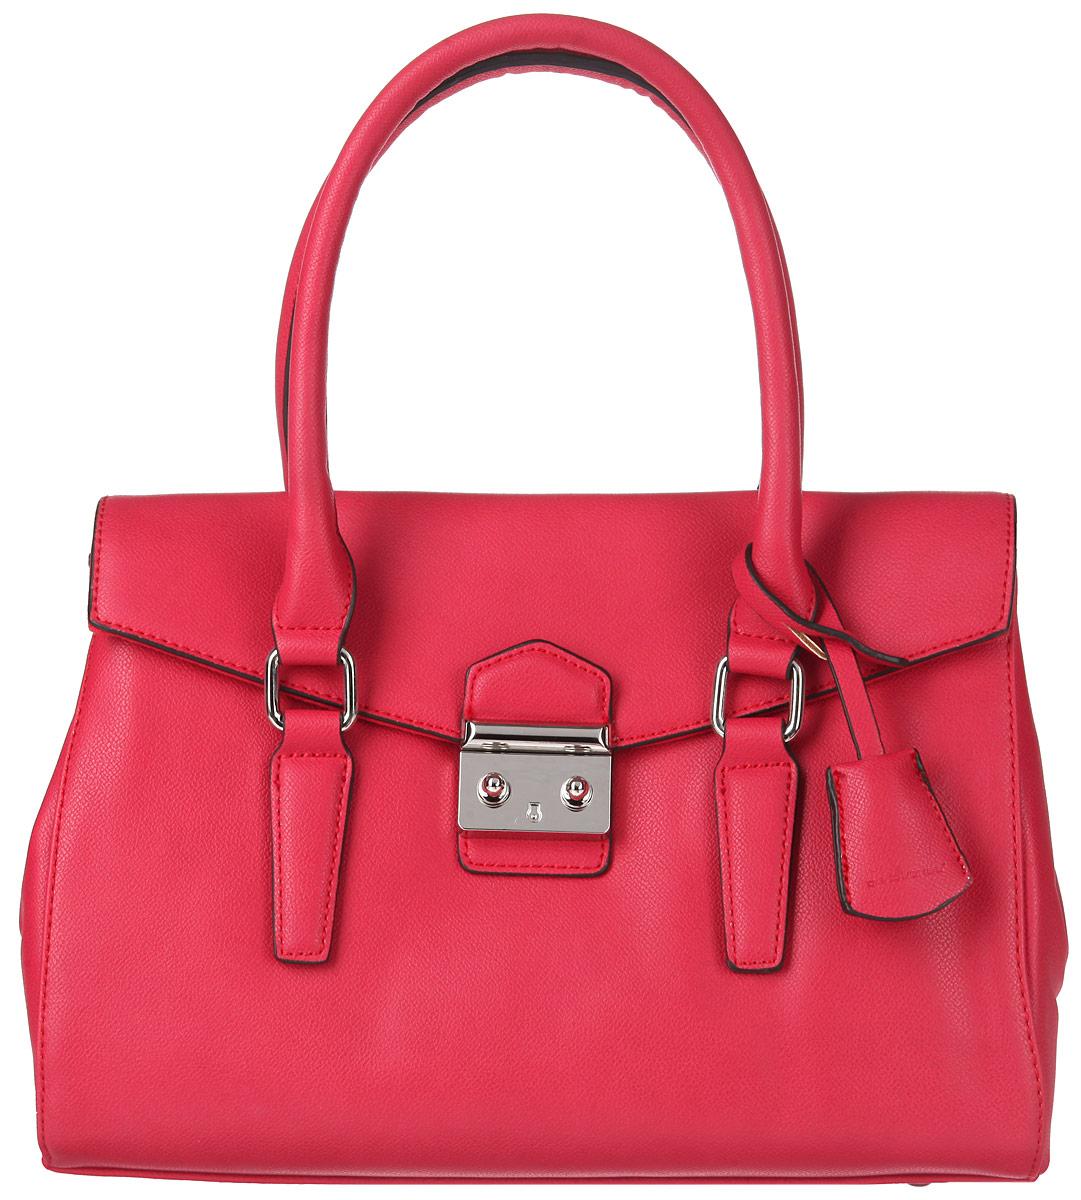 Сумка женская David Jones, цвет: красный. 5005-25005-2 REDСтильная женская сумка David Jones выполнена из искусственной кожи, оформлена металлической фурнитурой. Изделие содержит одно основное отделение, которое закрывается на застежку-молнию и дополнительно клапаном на замок-защелку. Внутри расположены два накладных кармашка для мелочей, врезной карман на молнии и карман-средник на молнии. Задняя сторона изделия дополнена накладным карманом на магнитной кнопке. Сумка оснащена съемным плечевым ремнем регулируемой длины и практичными ручками. Оригинальный аксессуар позволит вам завершить образ и быть неотразимой.